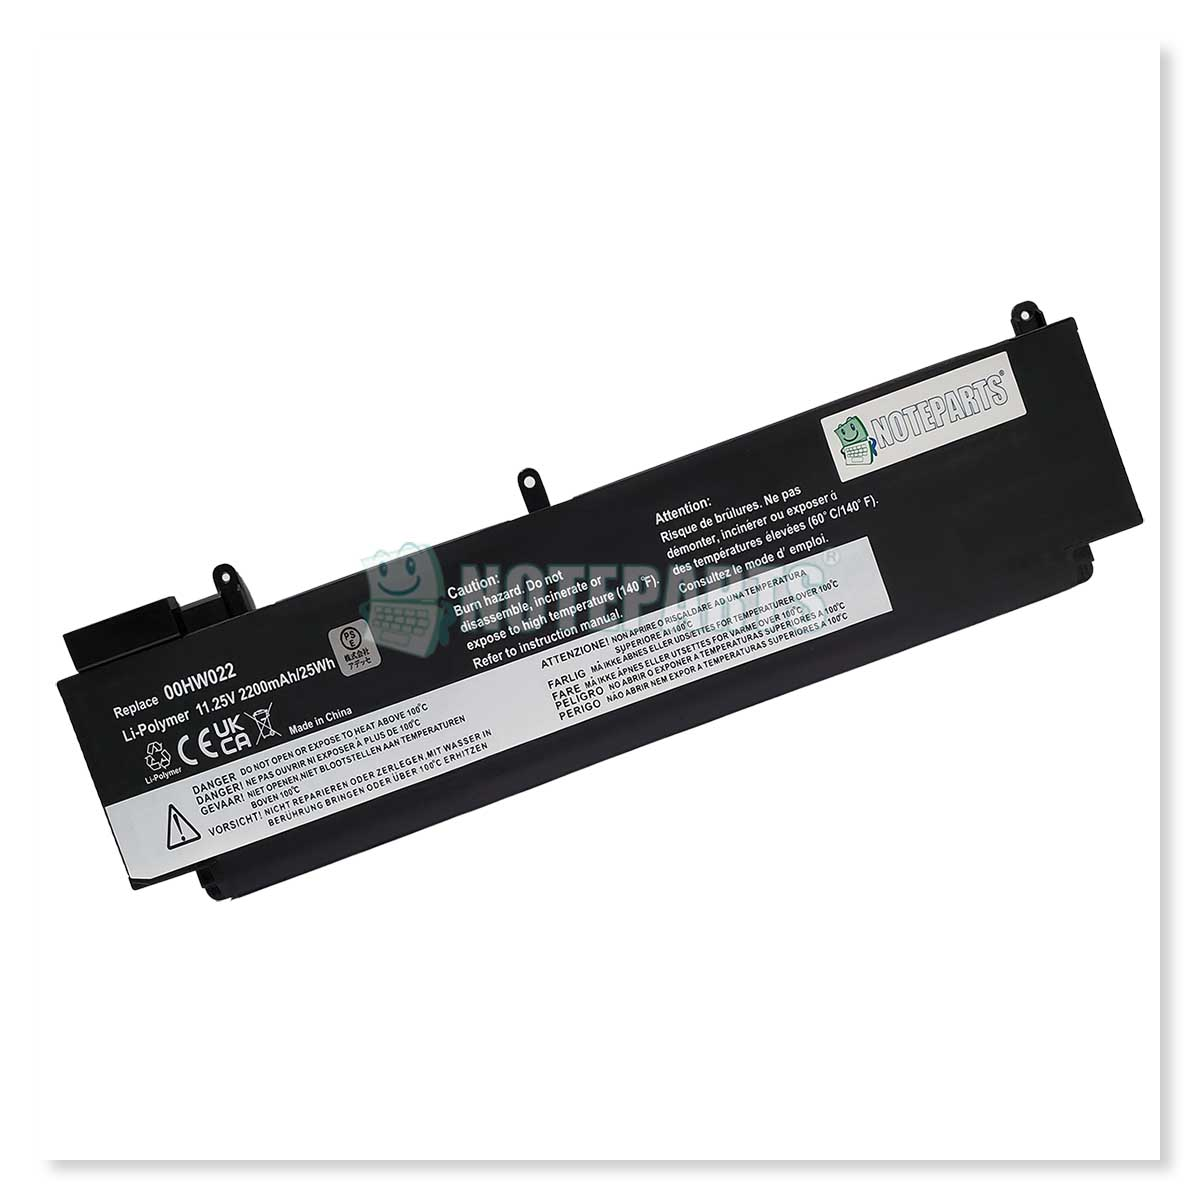 Lenovo レノボ ThinkPad T460s T470s フロントバッテリー 00HW022 00HW023 SB10F46460 SB10F46461対応